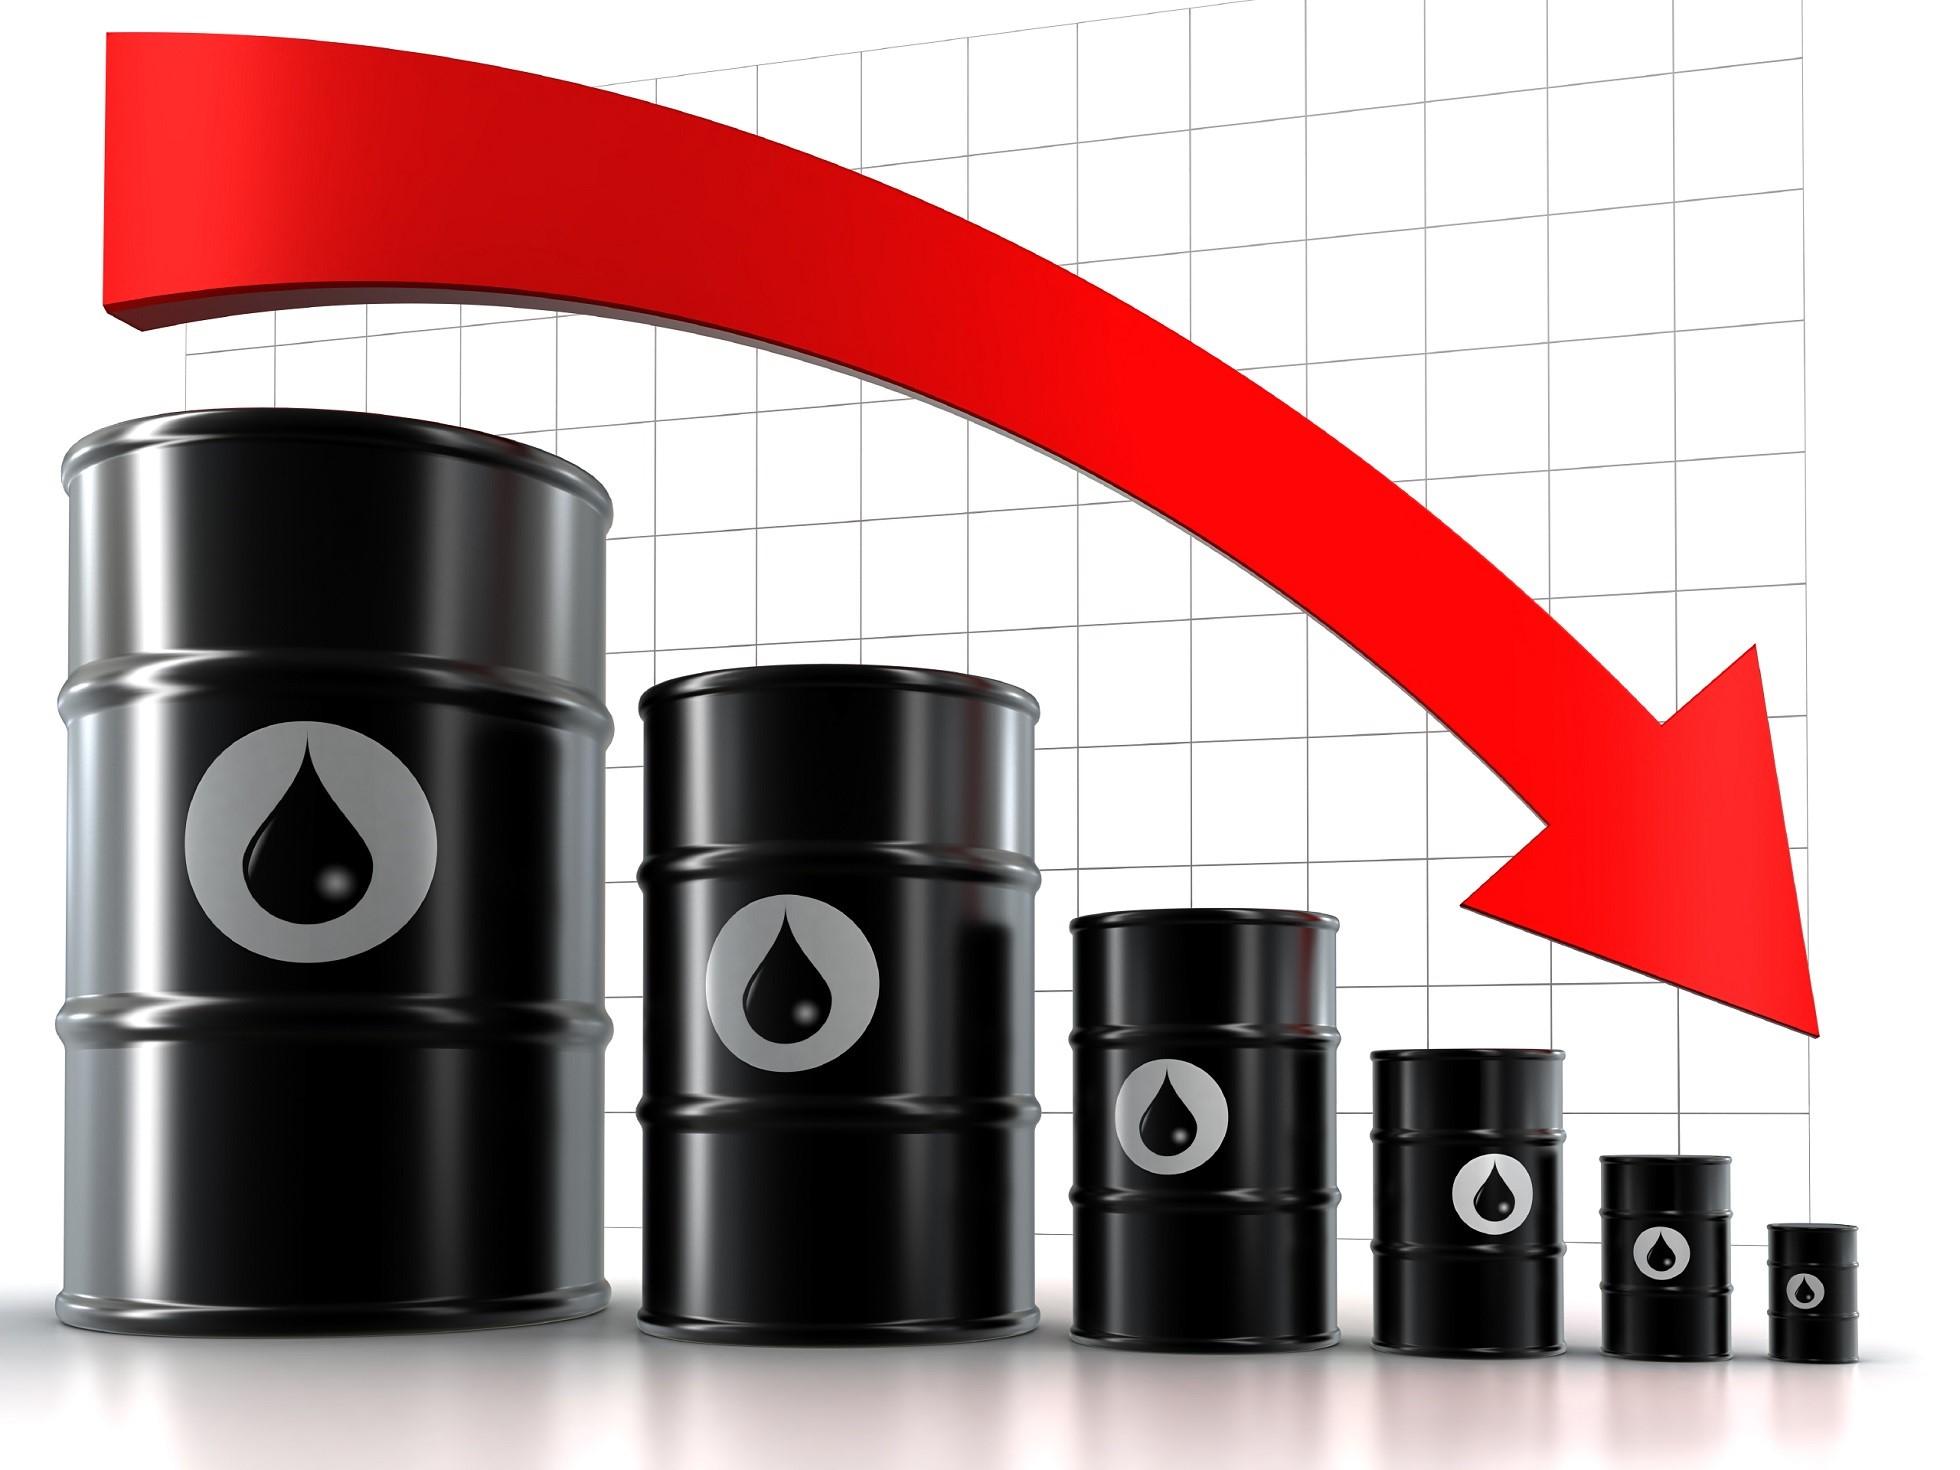 سه کشور، واردات نفت از ایران را صفر کردهاند